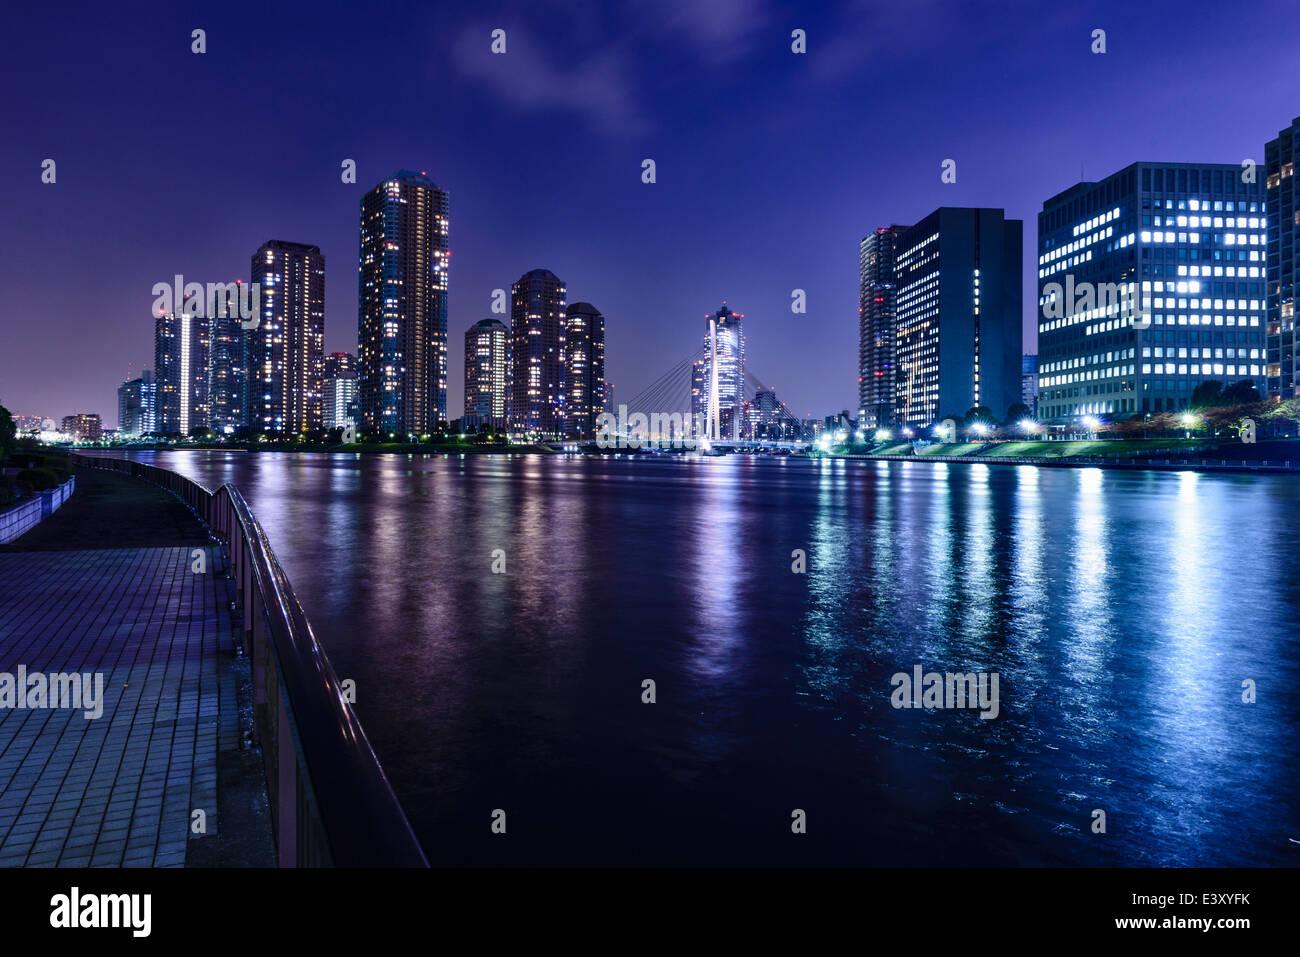 Silueta del horizonte de Tokio iluminados durante la noche, Tokio, Japón Imagen De Stock